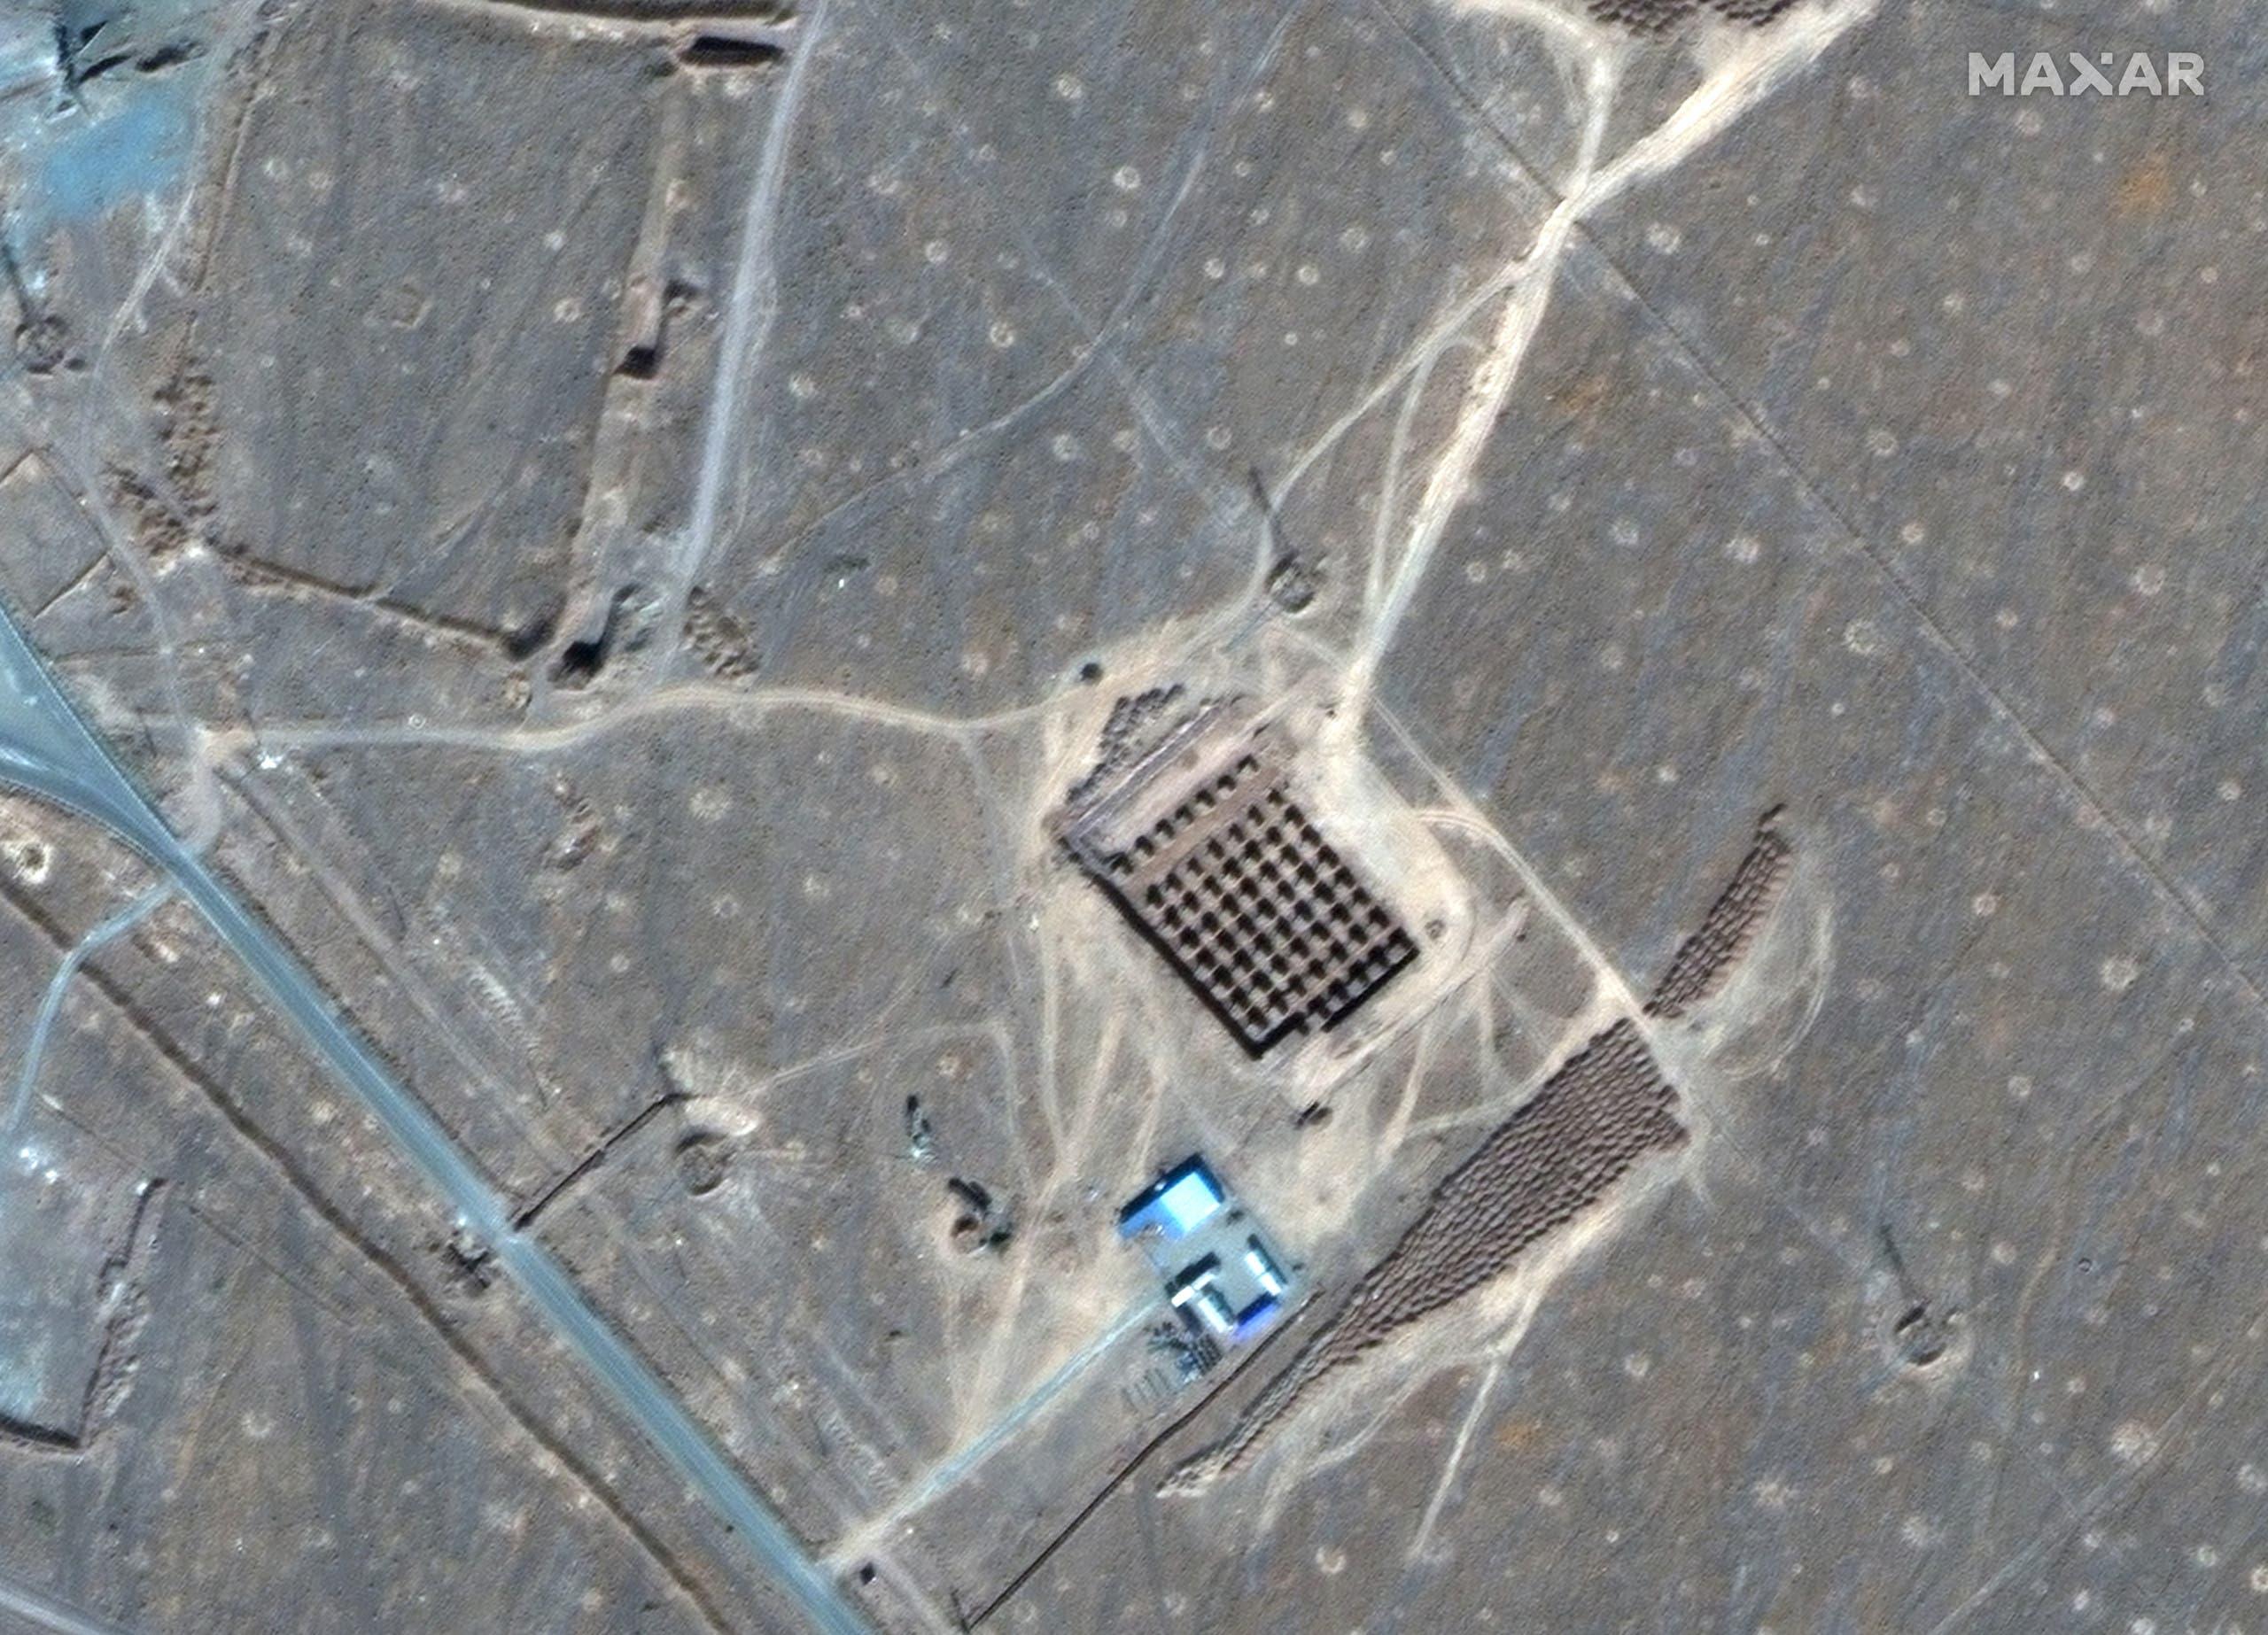 تصویر ماهواره ای از سایت هسته ای فوردو در ایران (خبرگزاری فرانسه)